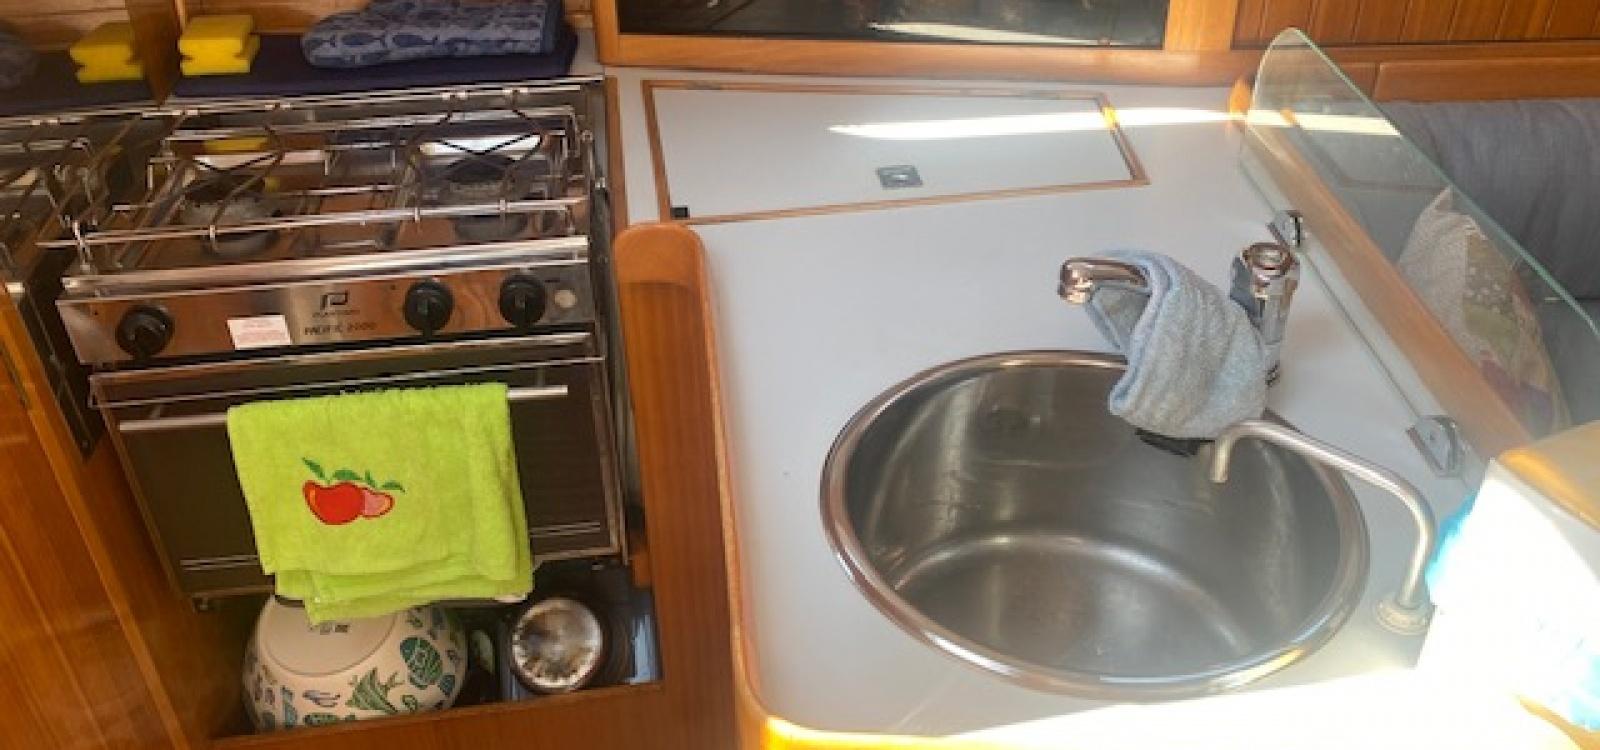 EL MASNOU,Barcelona,España,2 Habitaciones Habitaciones,1 BañoLavabos,Velero,2135